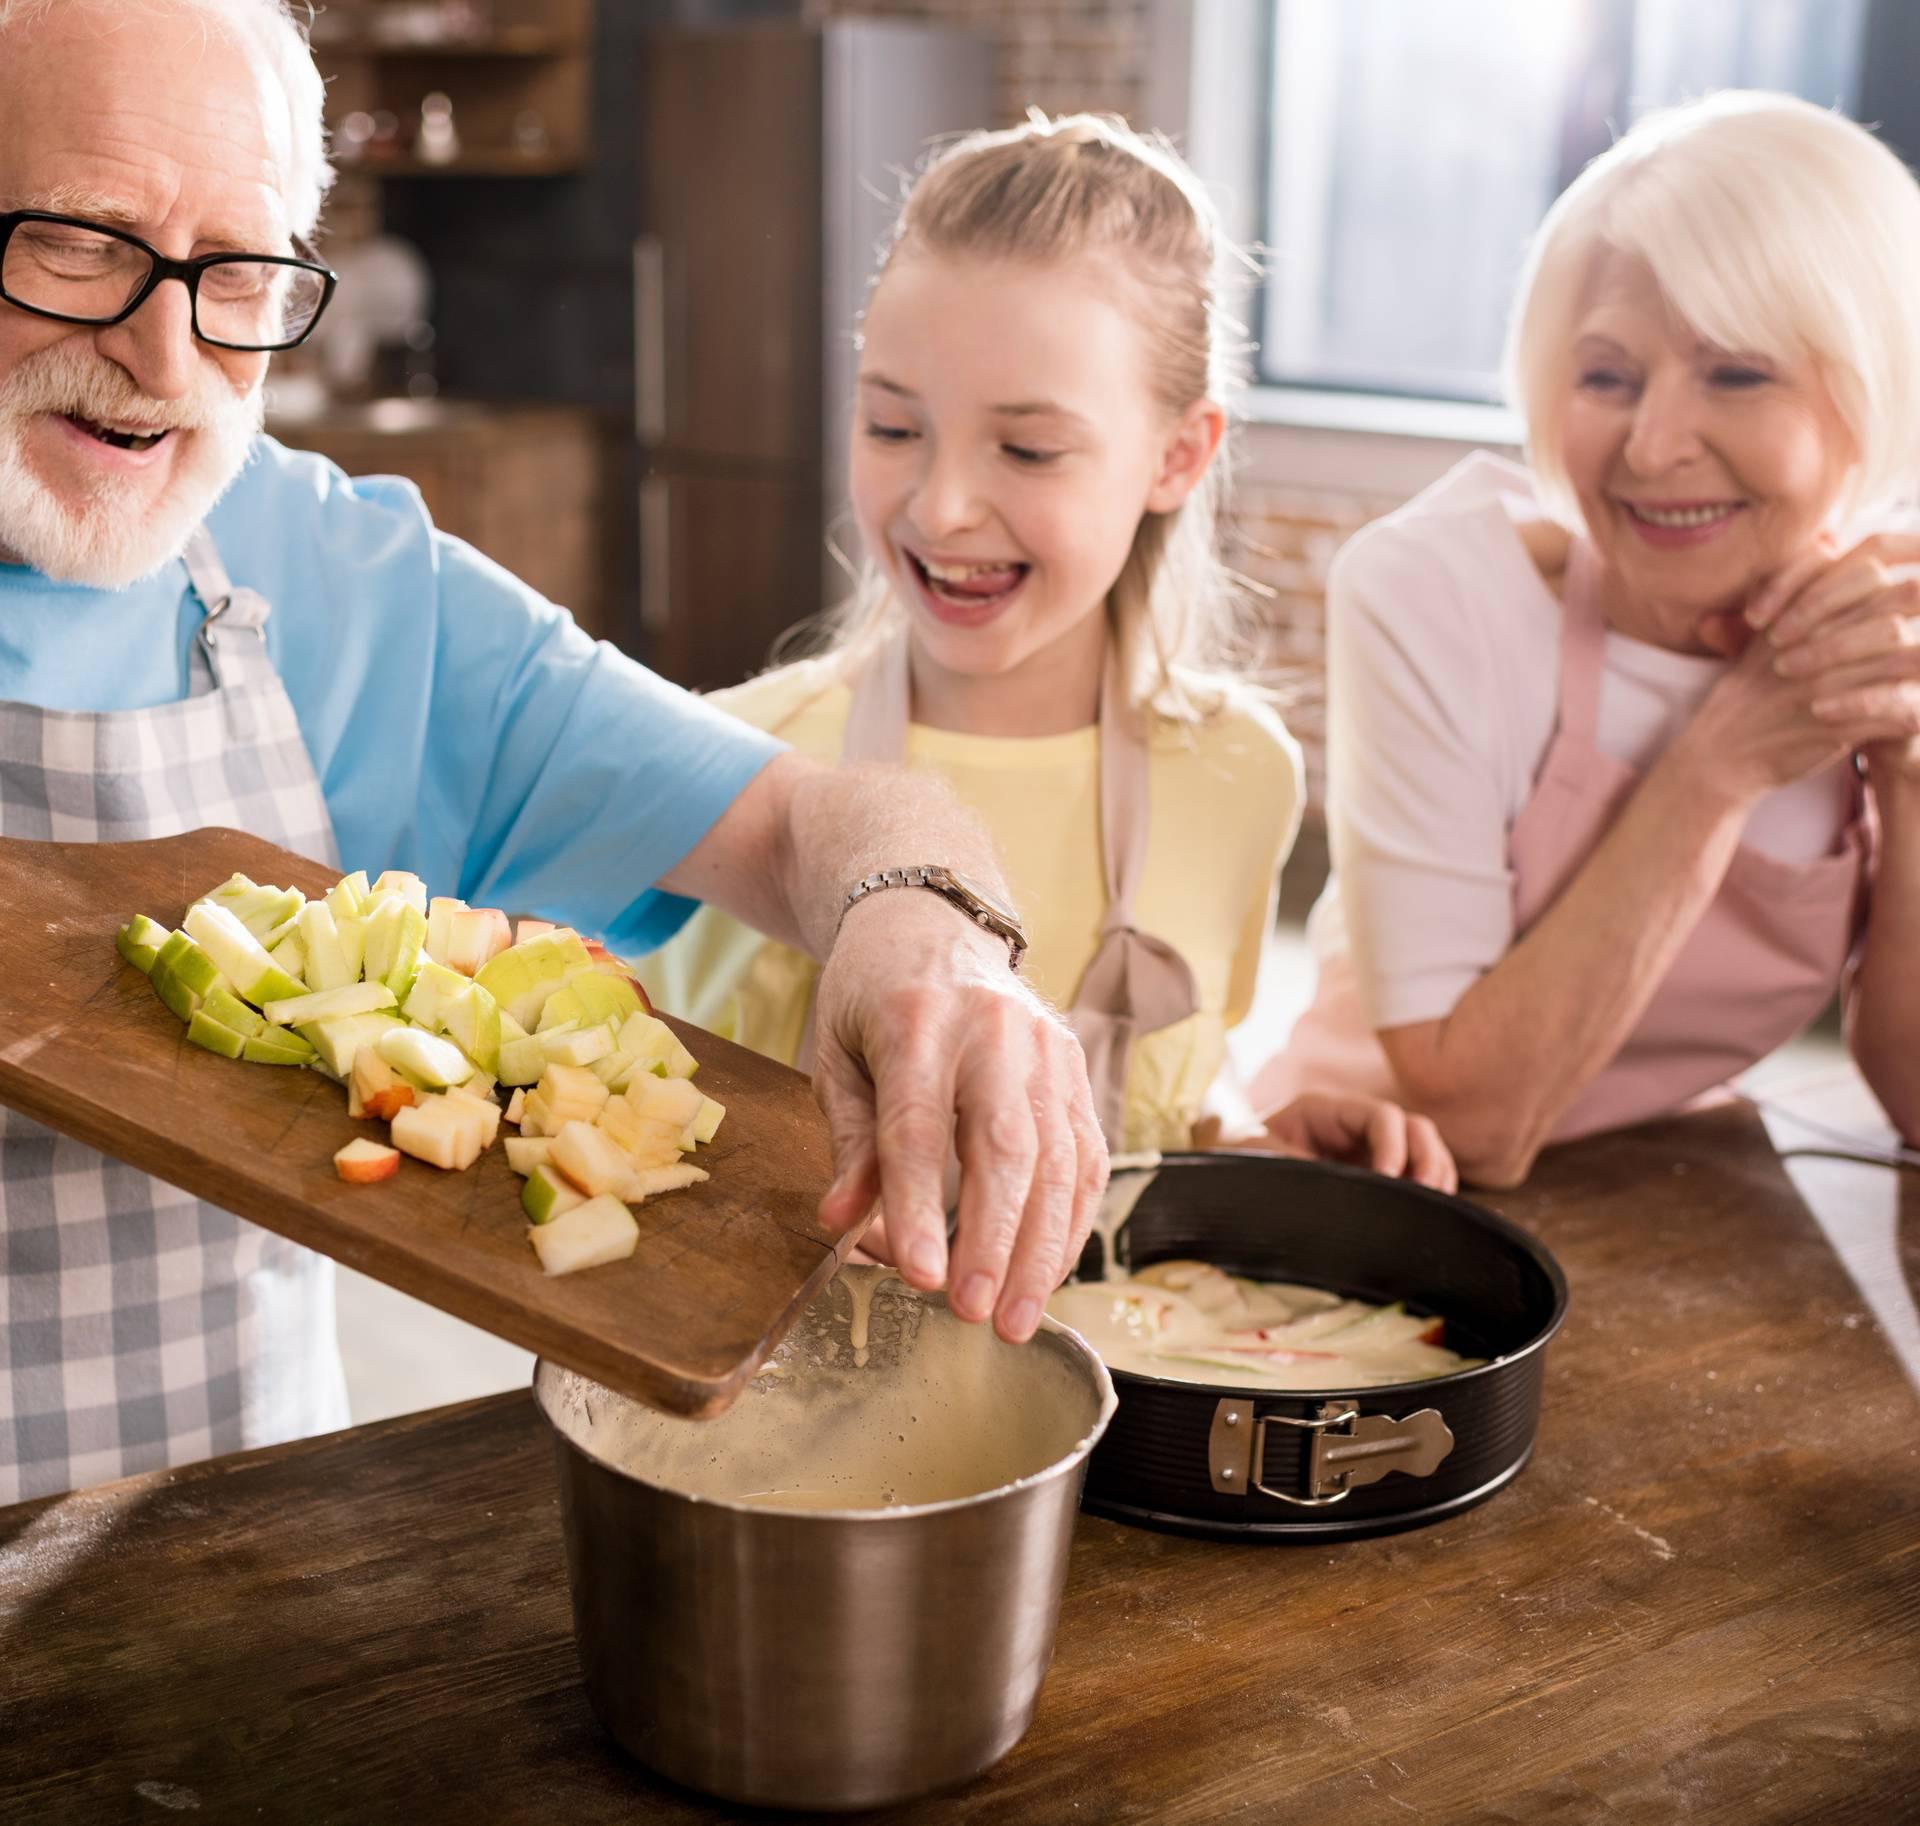 Postavite granice u obitelji: Imamo potrebu za bliskošću, ali alergični smo na njen višak